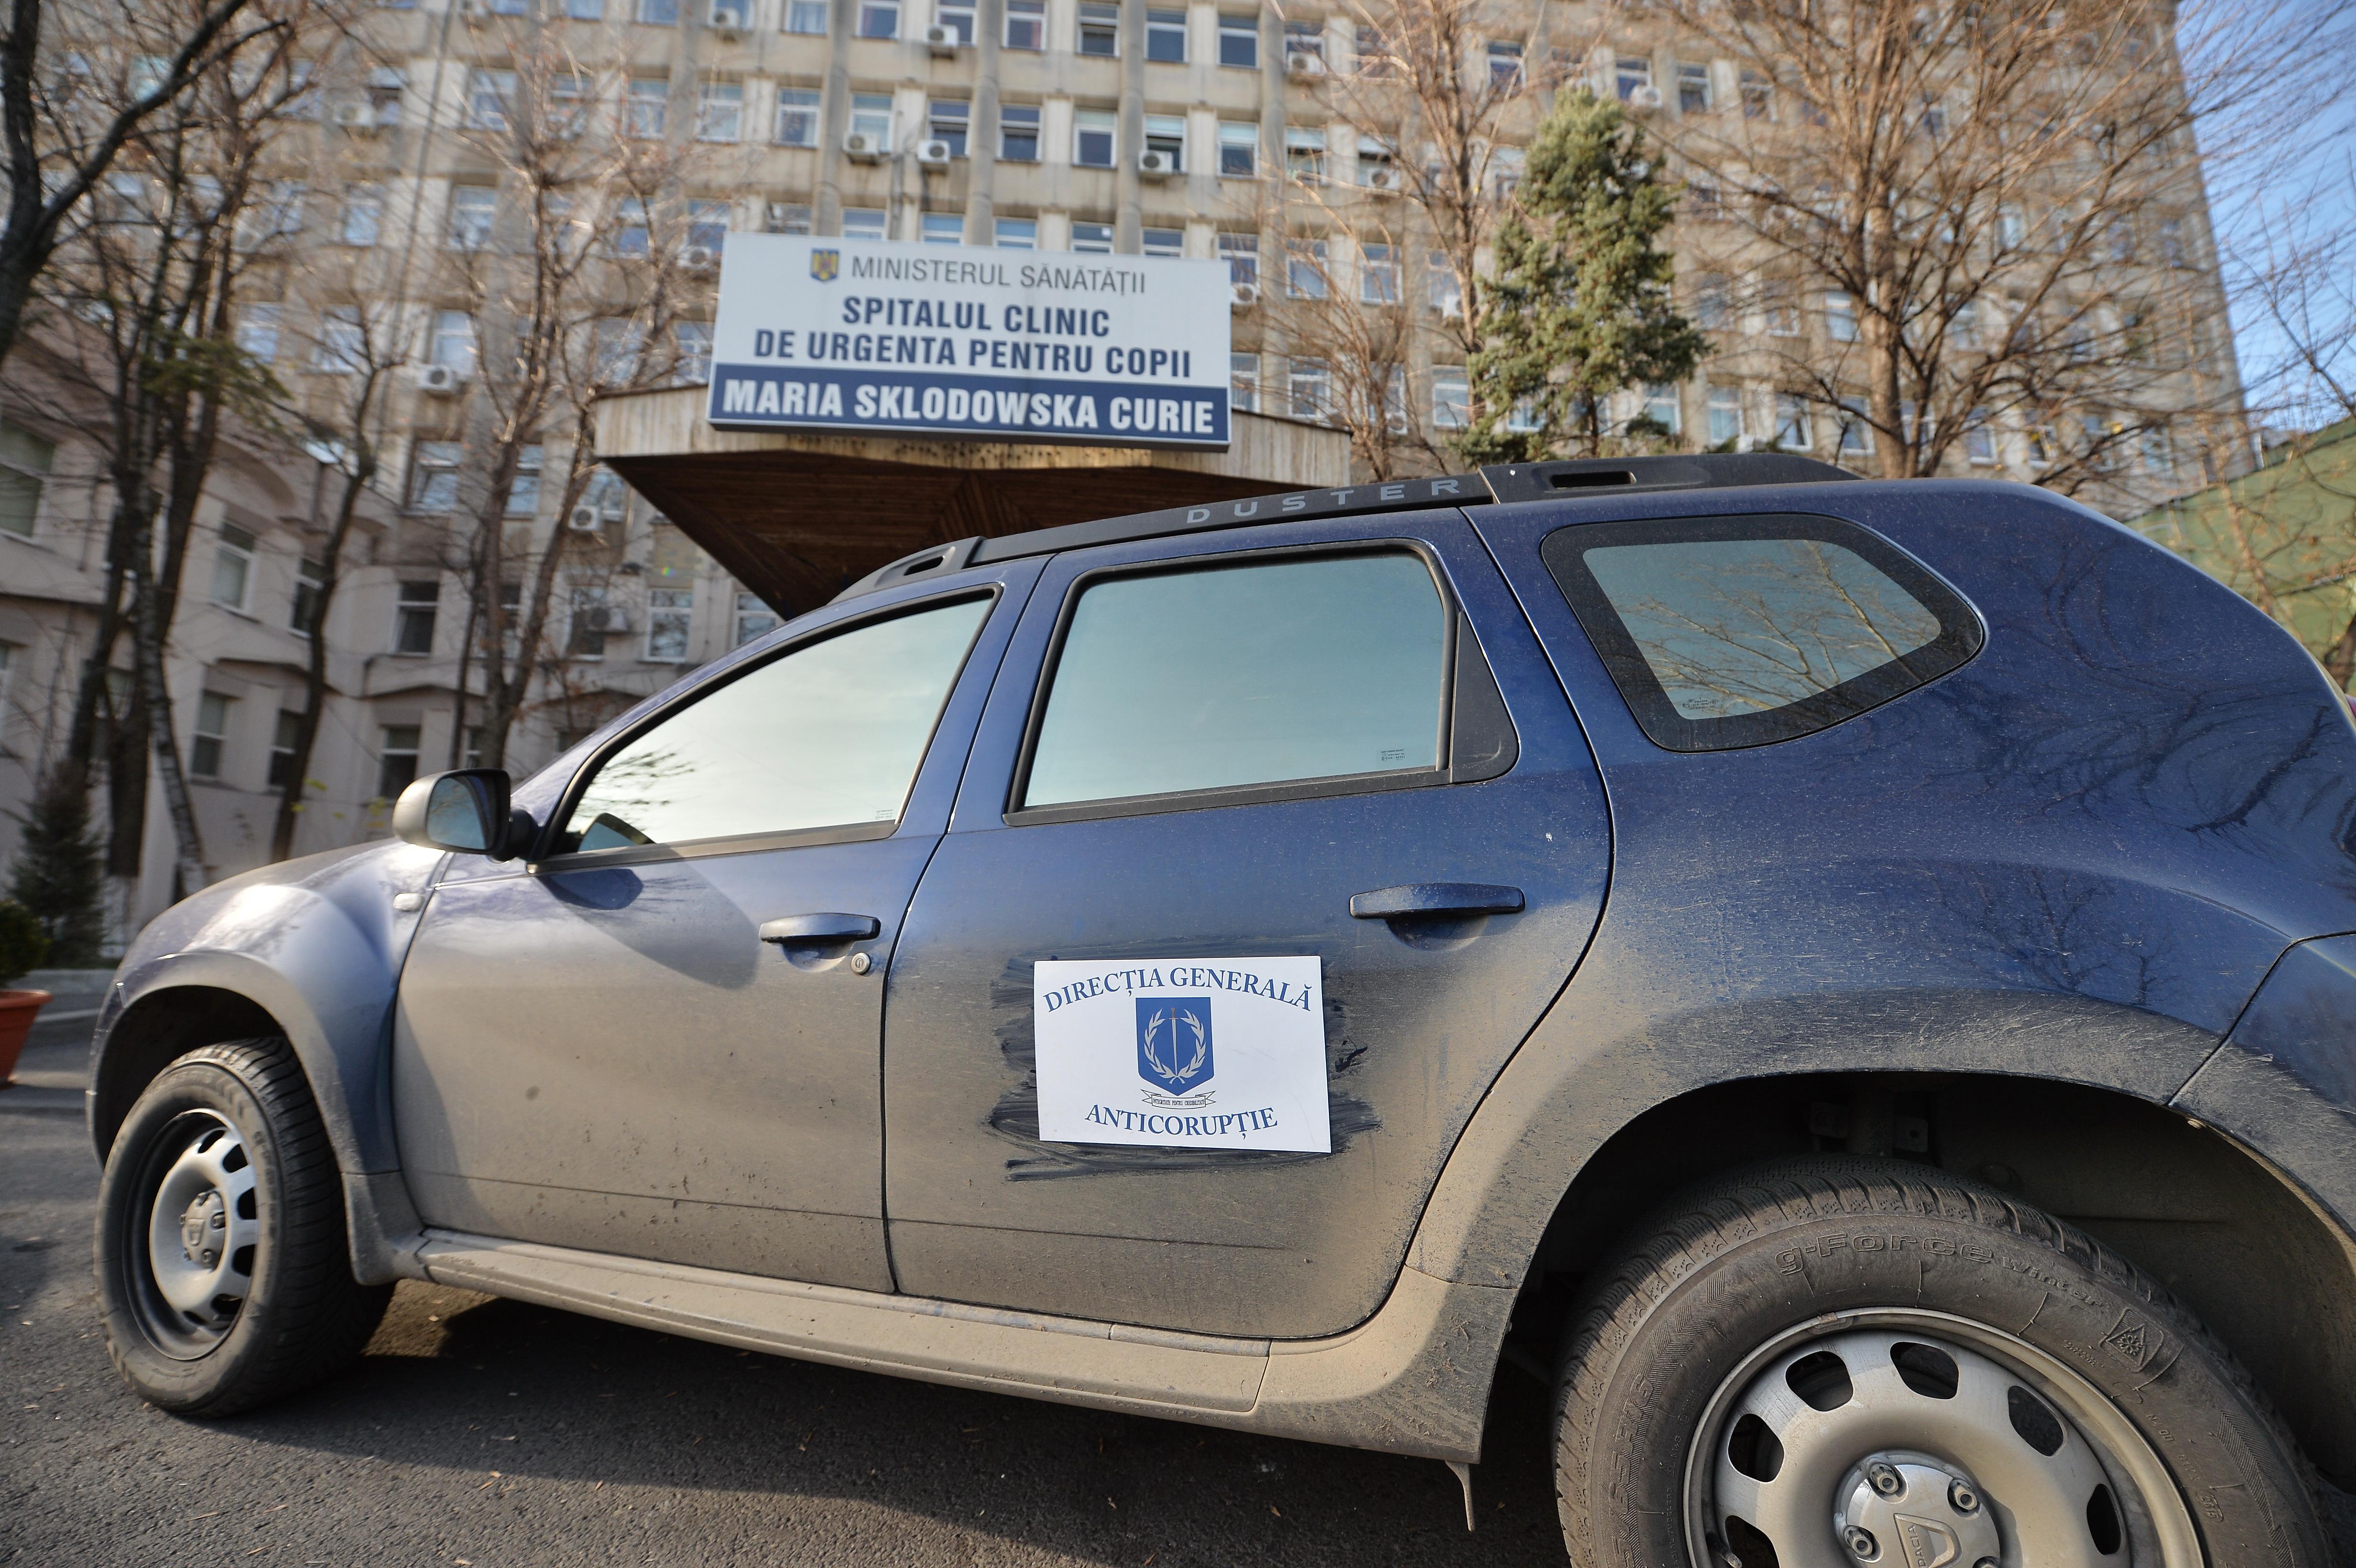 Cazul medicului Gheorghe Burnei: Avocaţii solicită instanţei refacerea urmăririi penale, subliniind că martorii ar fi trebuit să fie acuzaţi pentru dare de mită